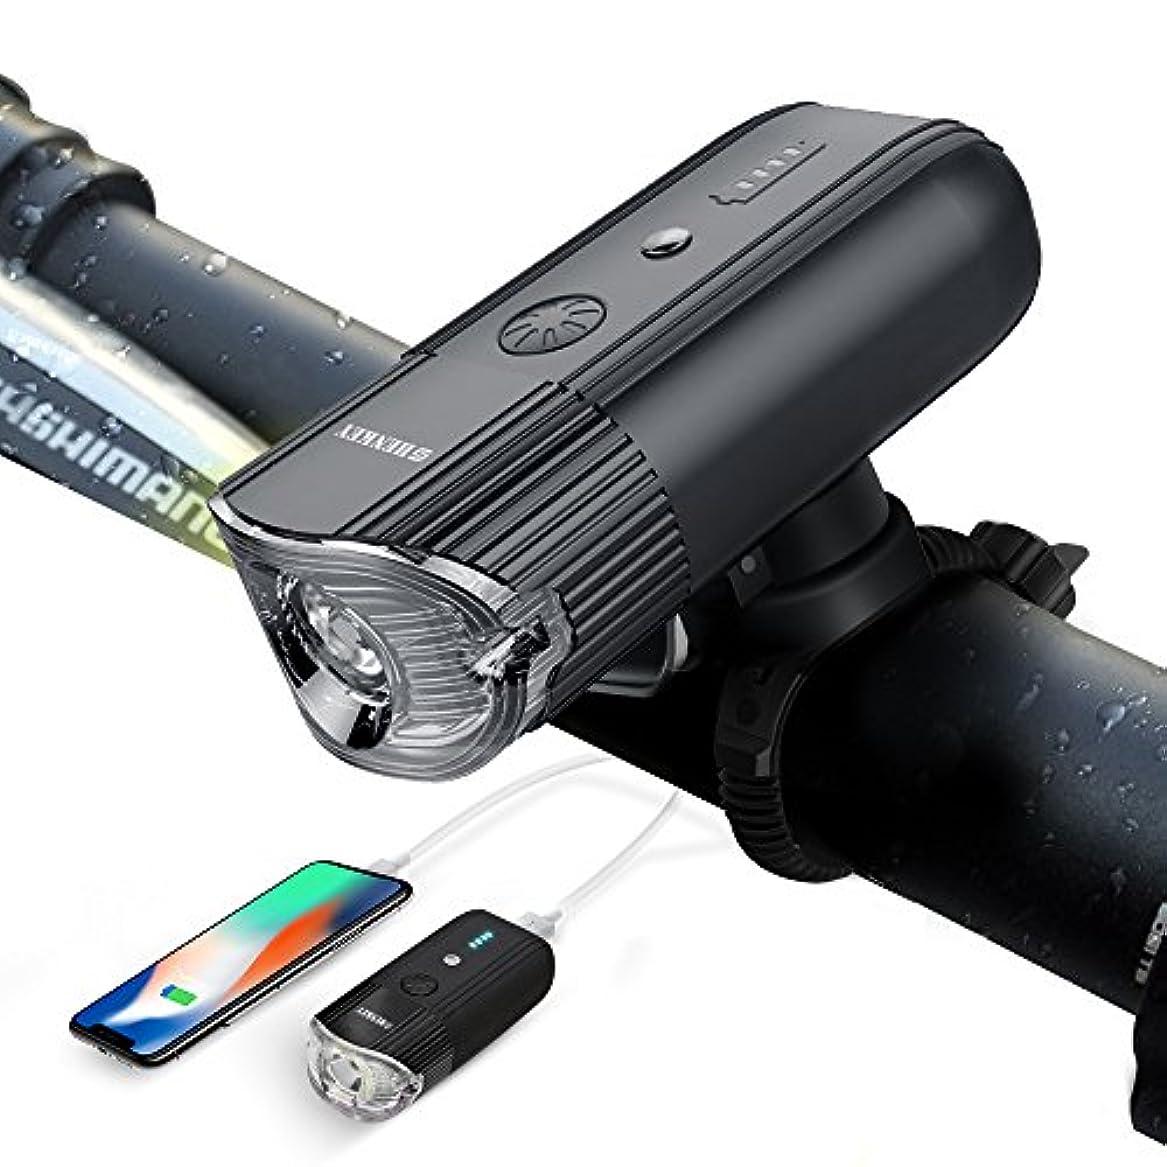 見物人受益者季節自転車ライト モバイルバッテリー SHENKEY ブラケットの USB充電式 IP65防水 4000mah 1200 ルーメン 光度センサー 振動センサー搭載 高輝度 耐久性 (12ヶ月安心保証)